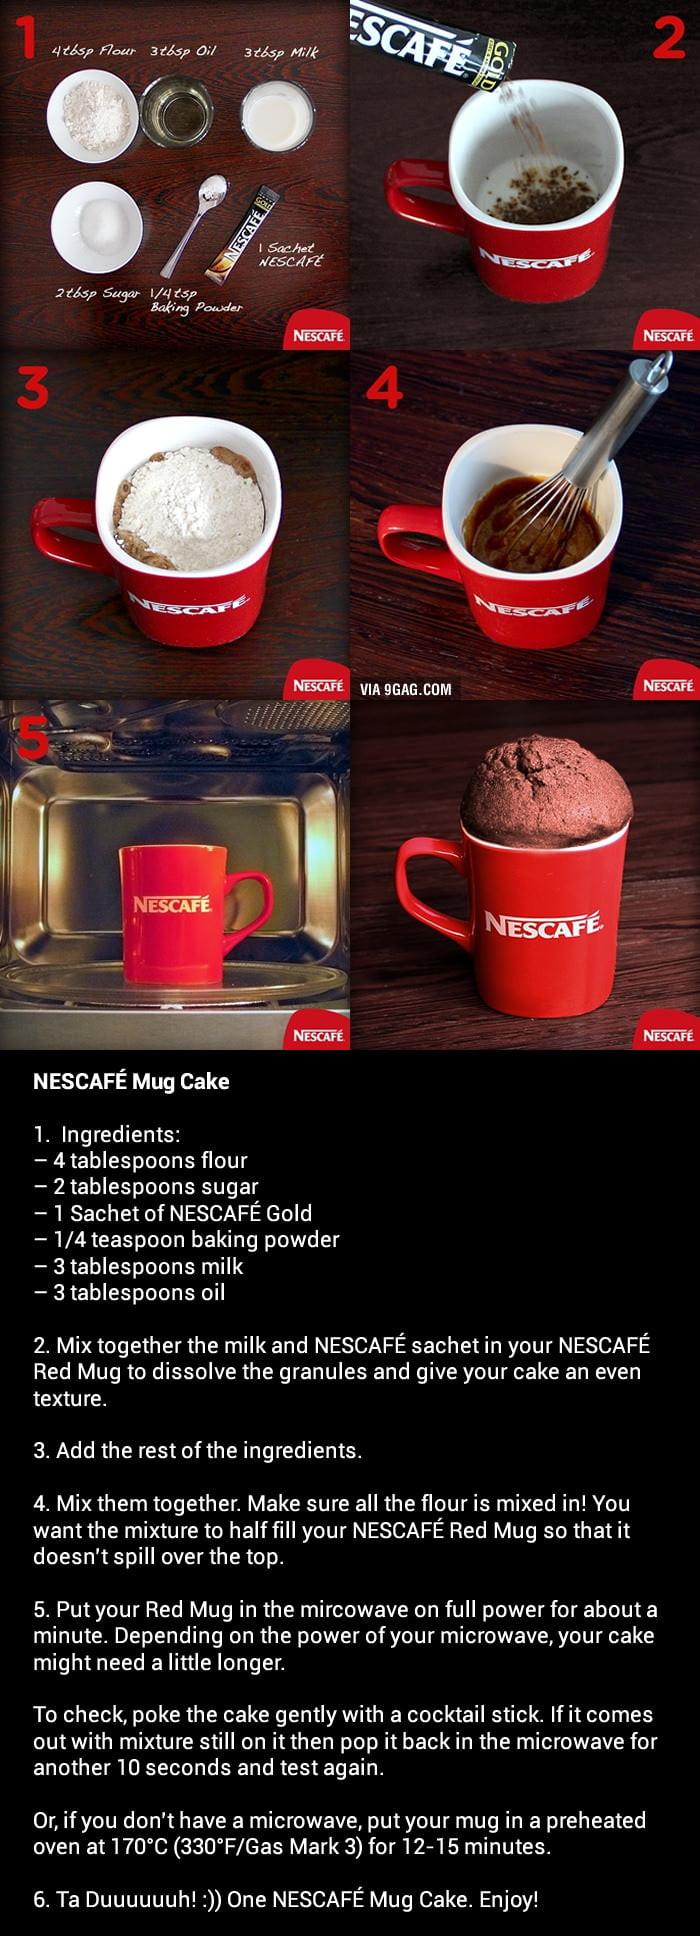 How To Make A Mug Cake  How To Make A NESCAFÉ Mug Cake 9GAG